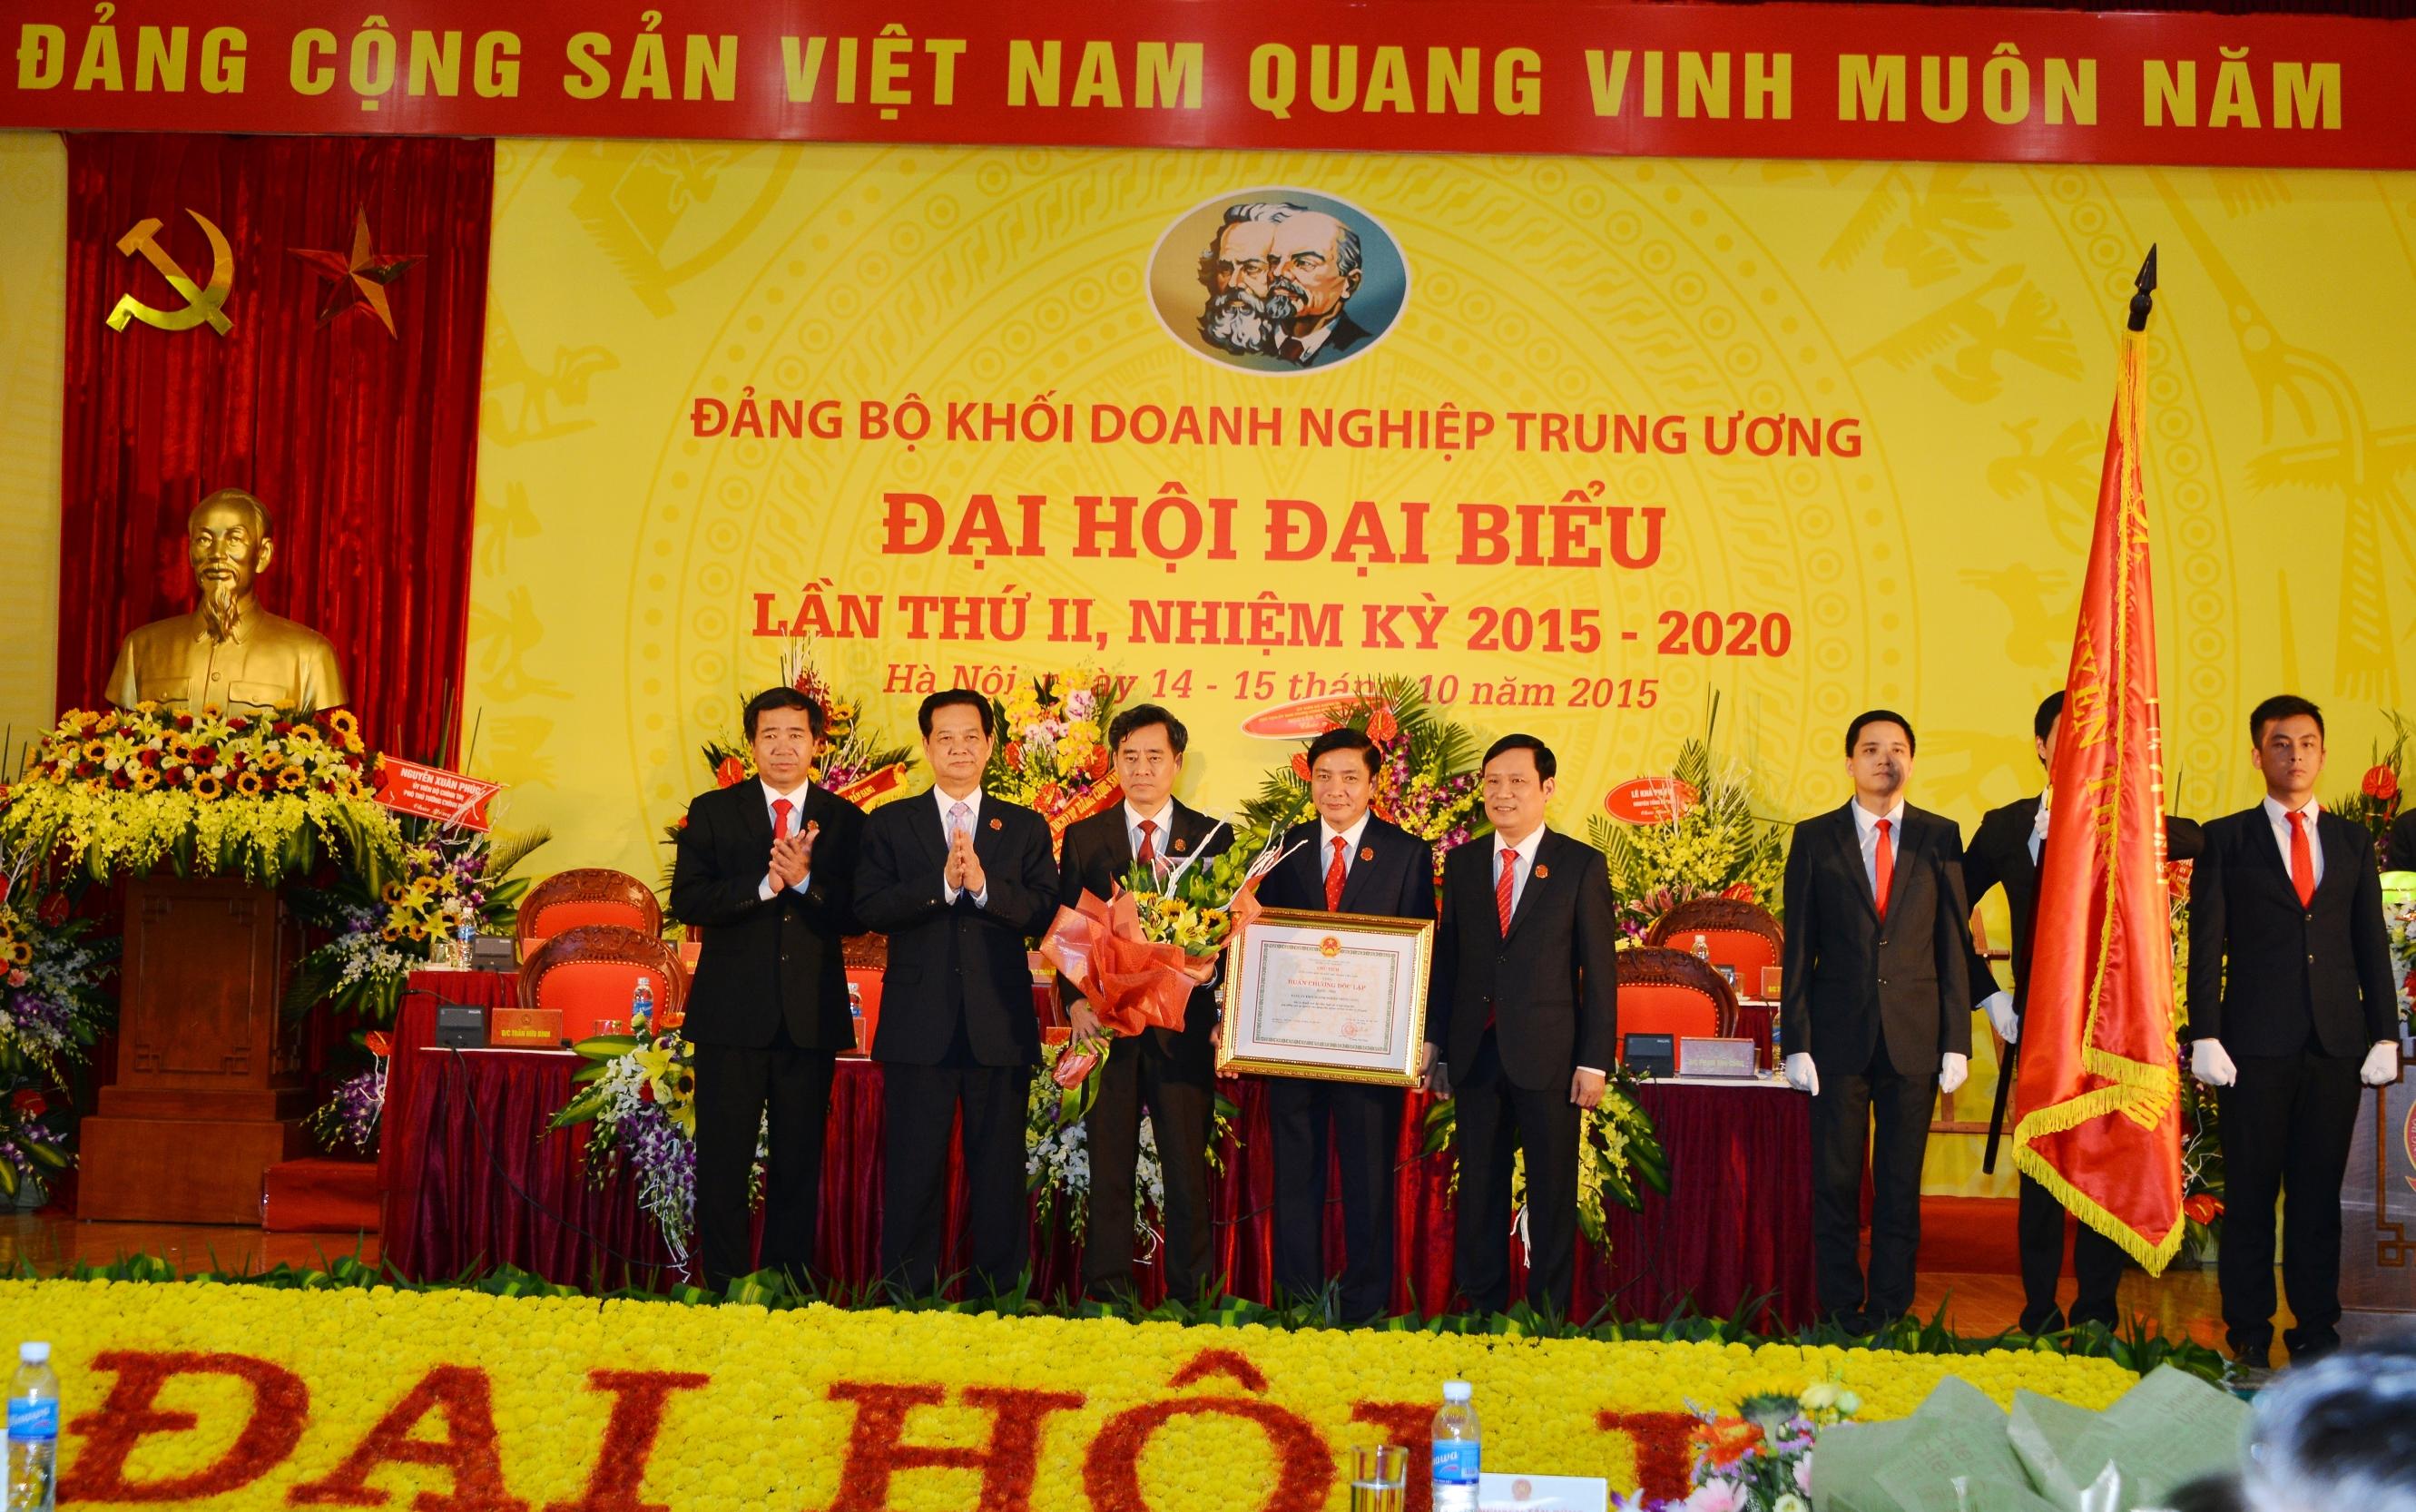 Thừa ủy quyền của Chủ tịch nước, Thủ tướng Chính phủ Nguyễn Tấn Dũng trao tặng Huân chương Độc lập hạng Nhất cho Đảng bộ Khối DNTW